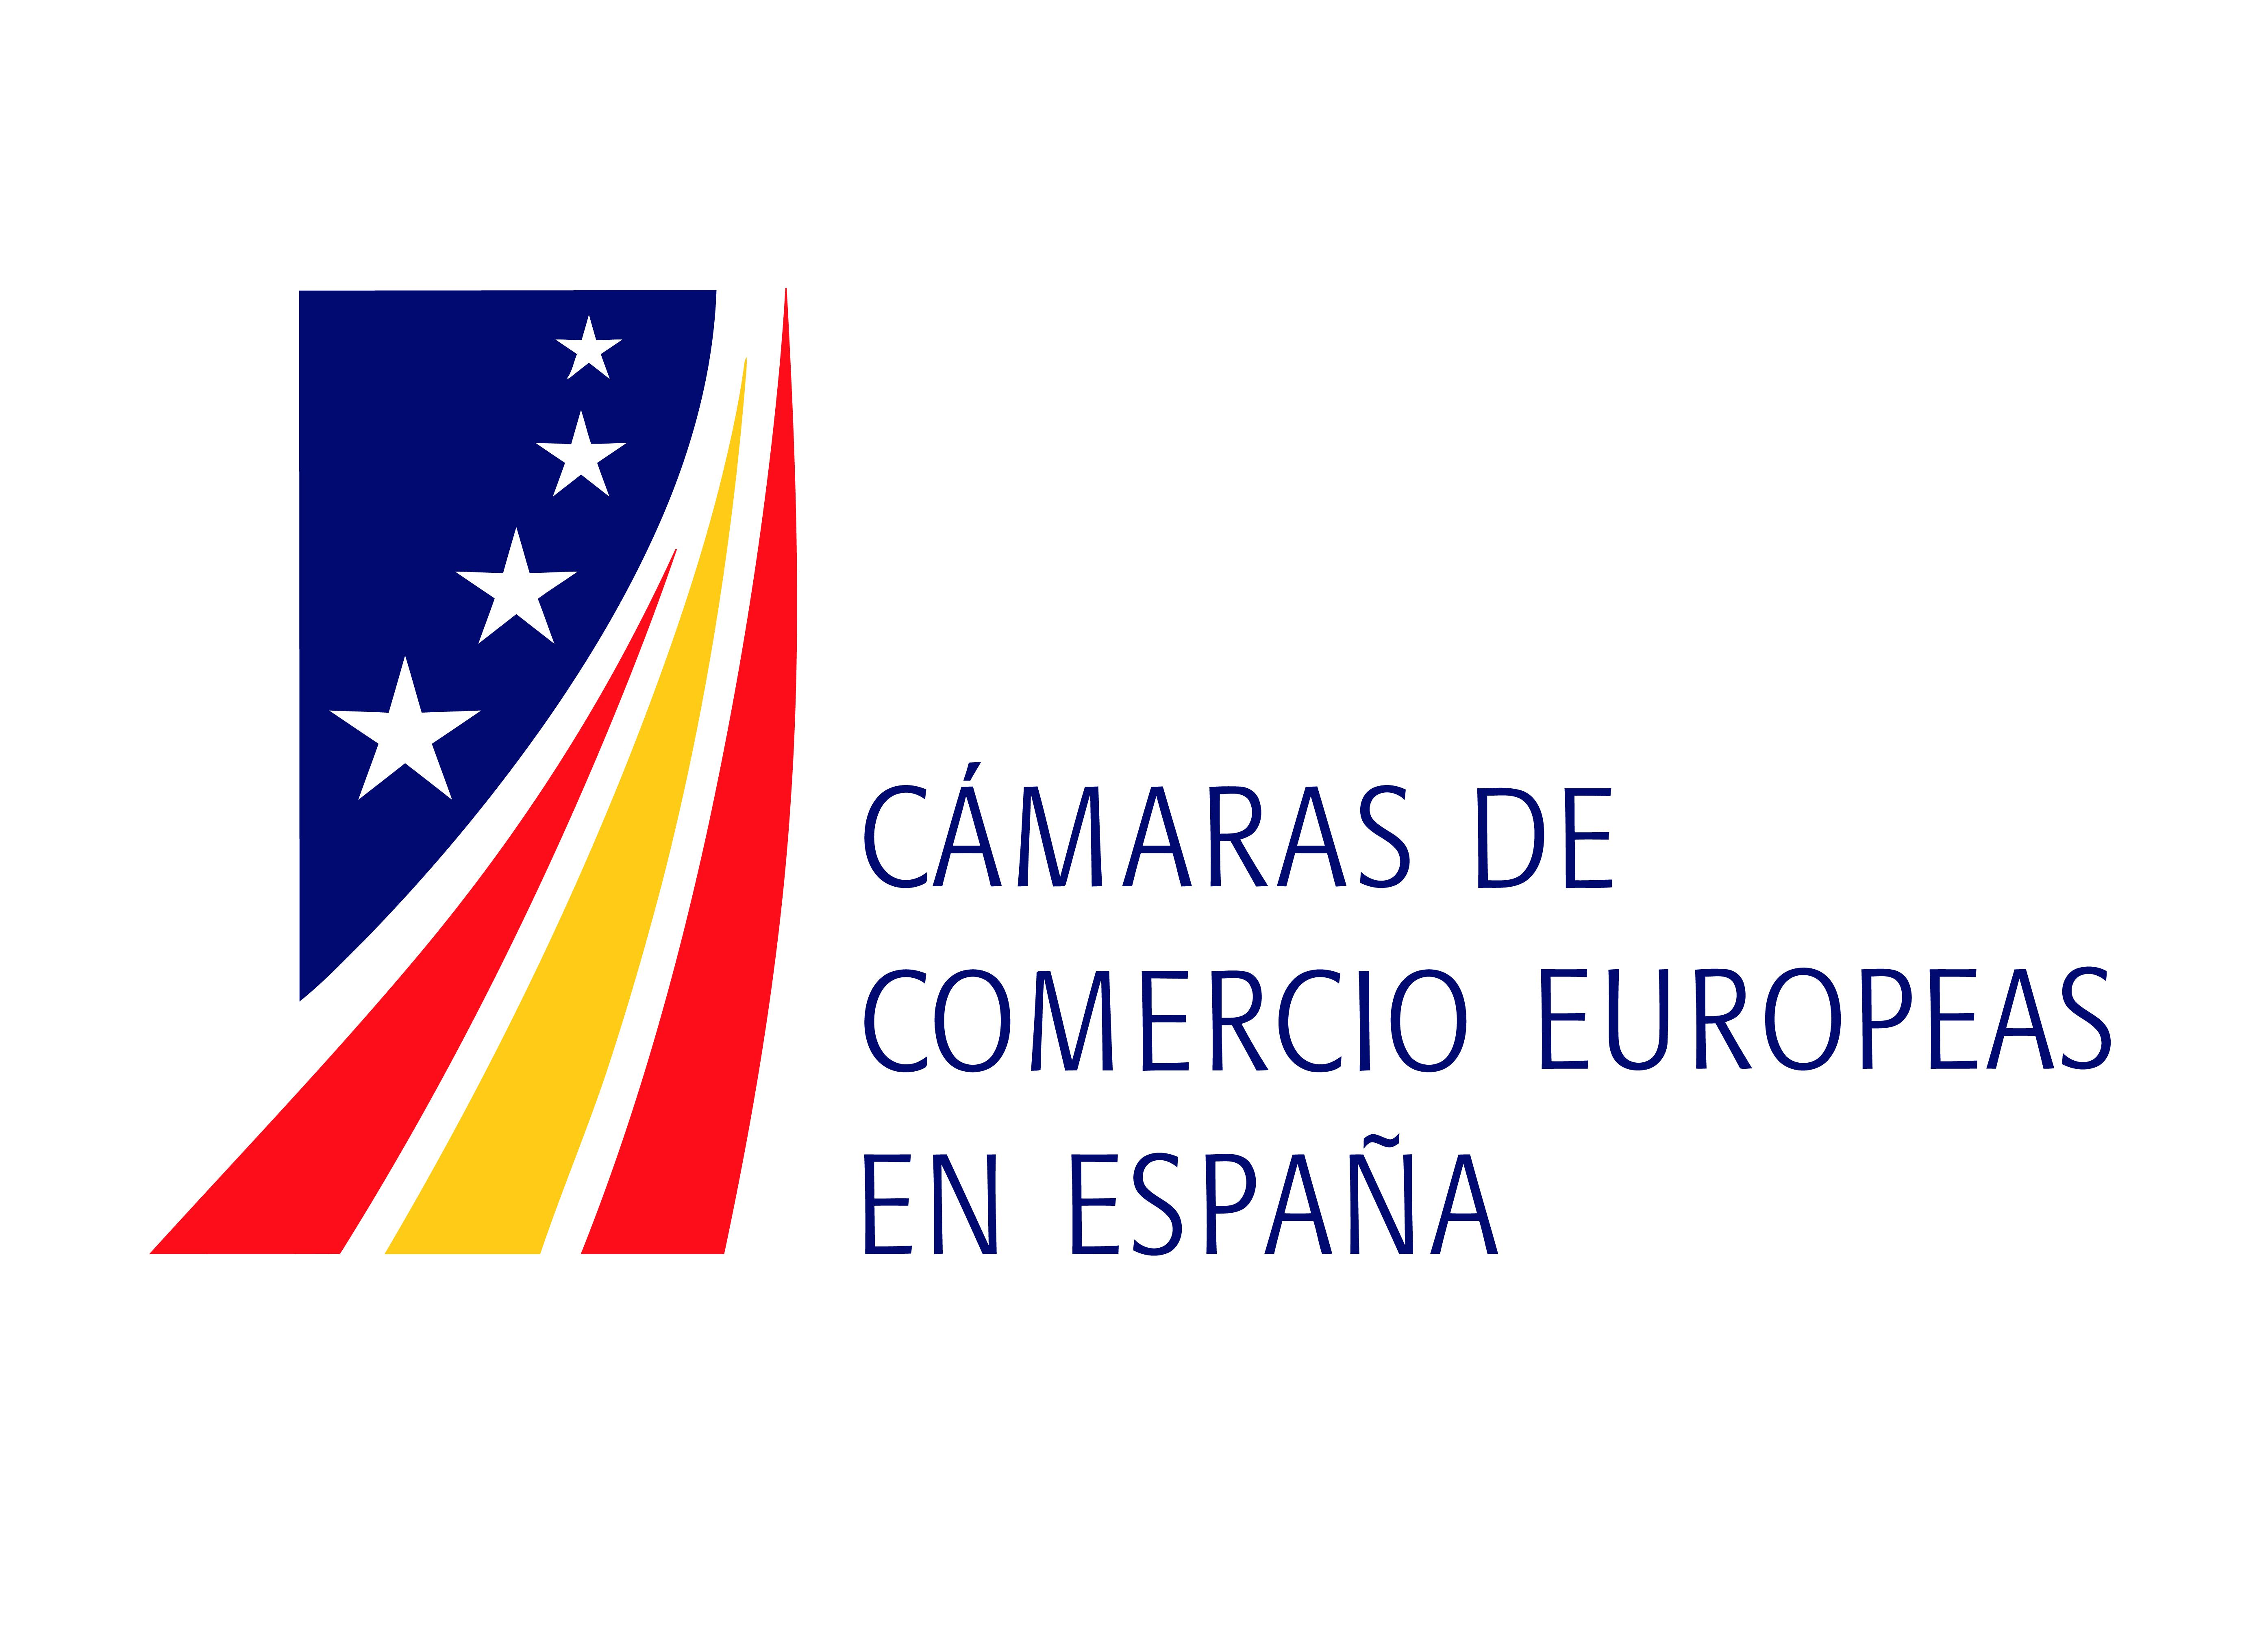 LogoCamaras-Comercio-Espana_Vectorizado [Converted]Octubre2016